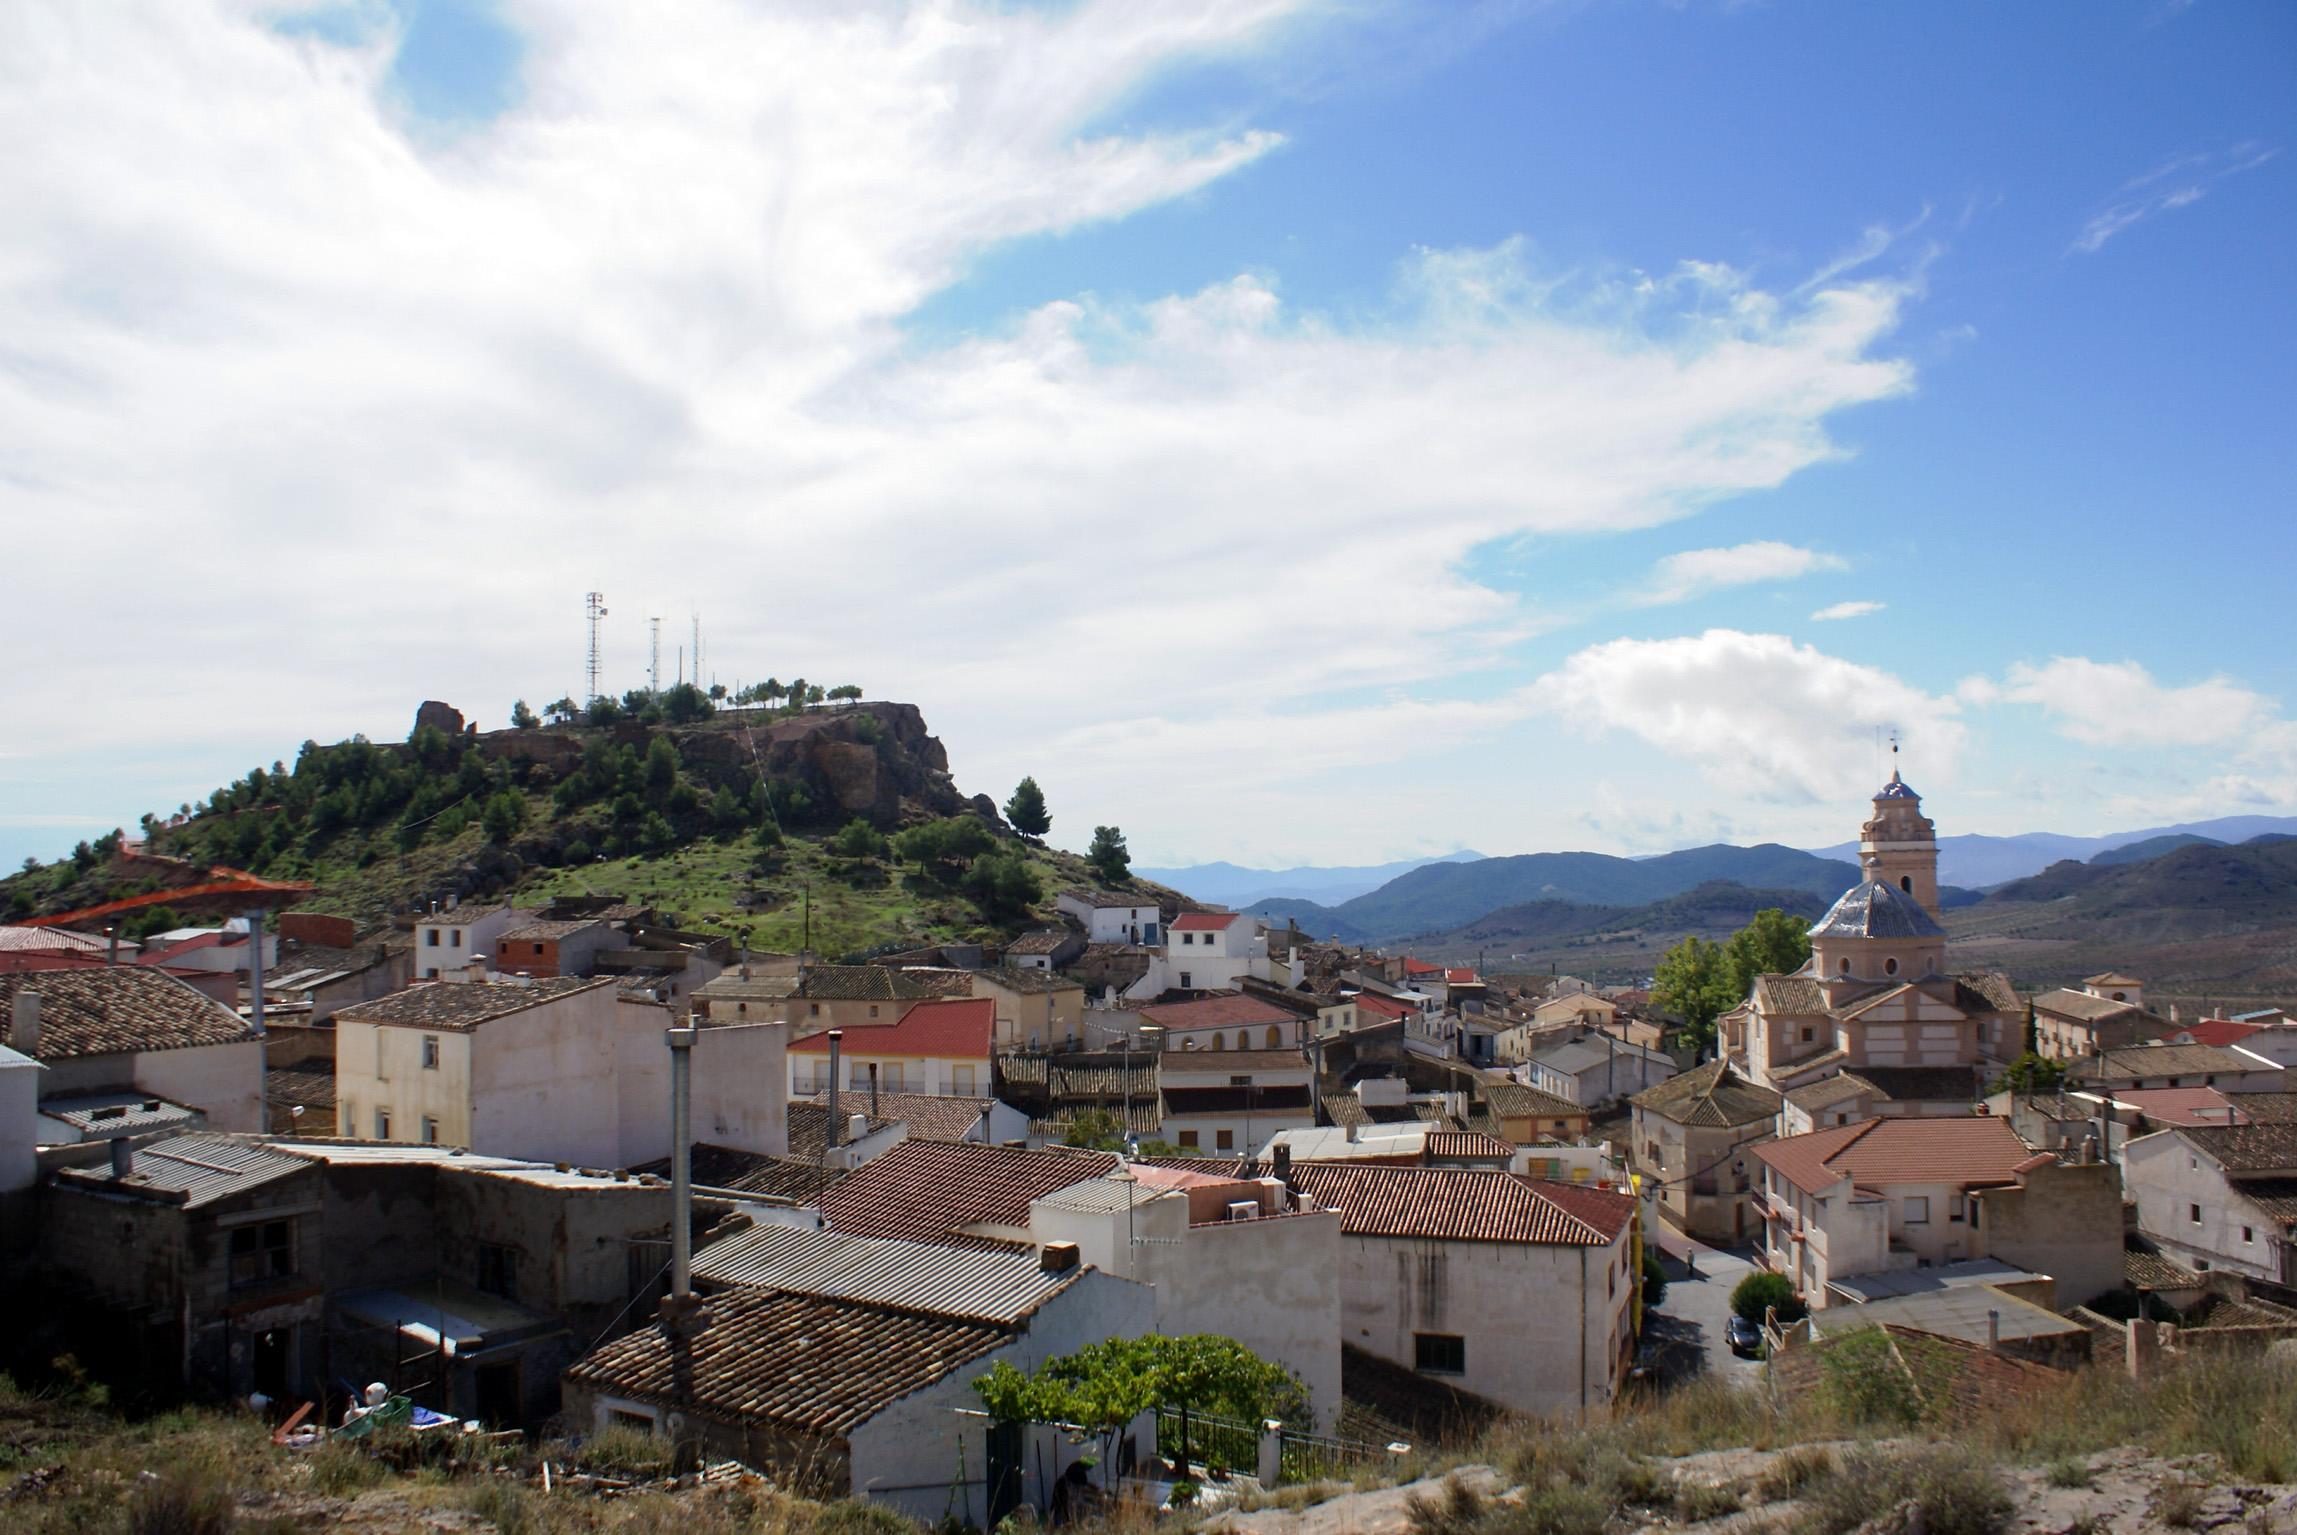 Oria, situada entre la Alcazaba y la Basílica. © Fotografía: Rafael Pozo